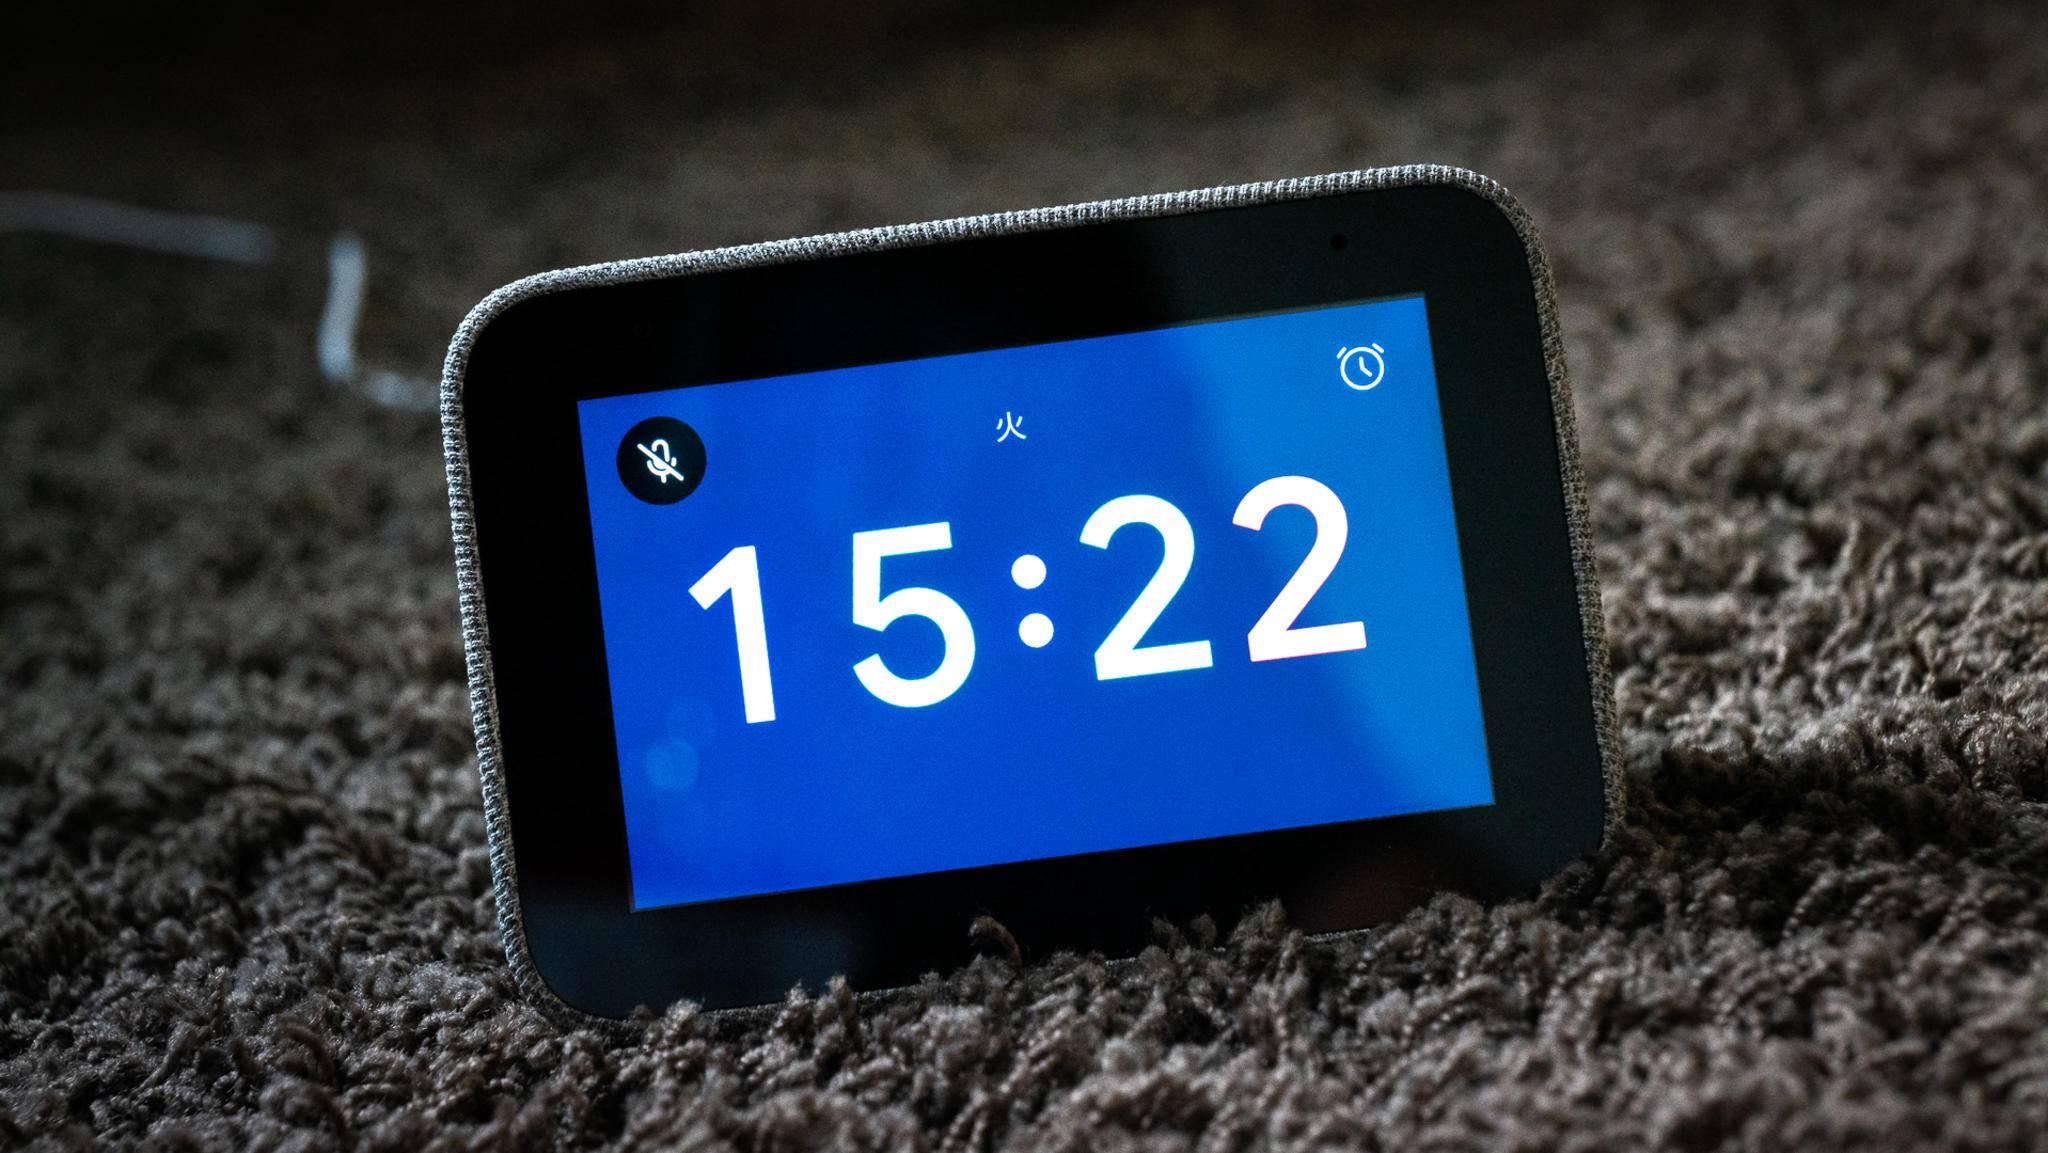 Lenovos Smart Clock soll Dir dank Update zu einem perfekten Start in den Tag verhelfen.